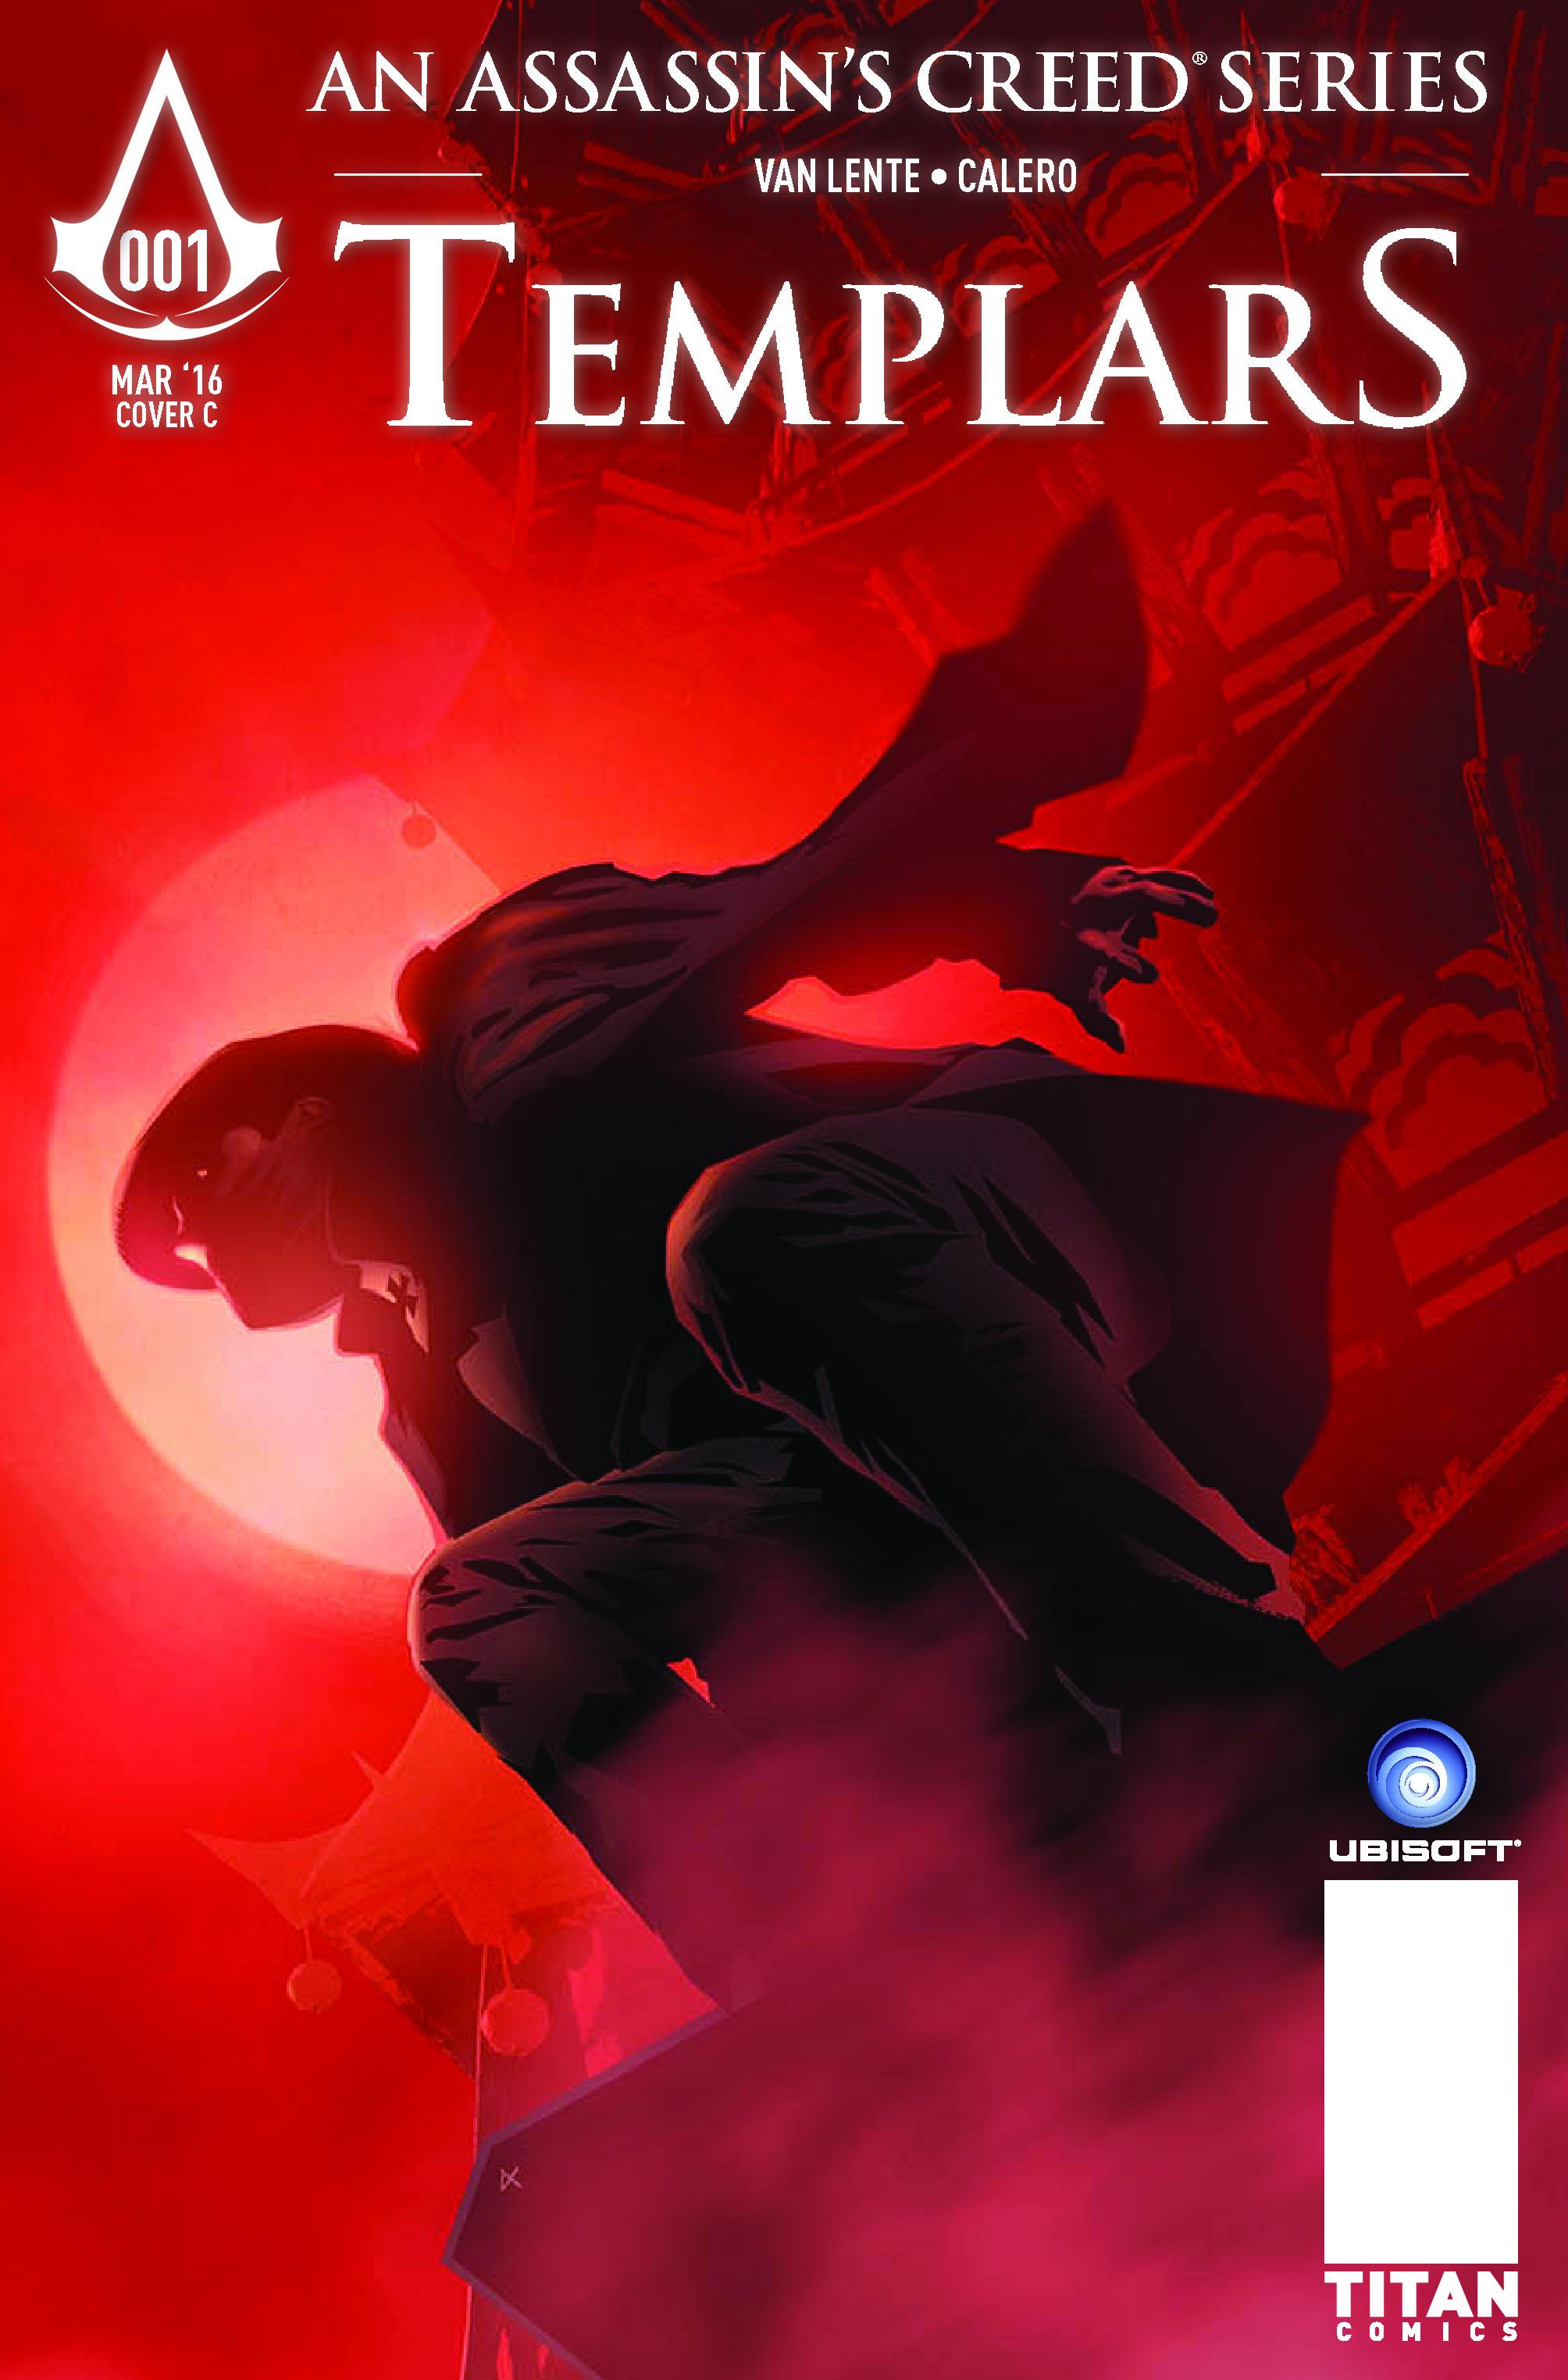 TEMPLARS Cover D - Dennis Calero